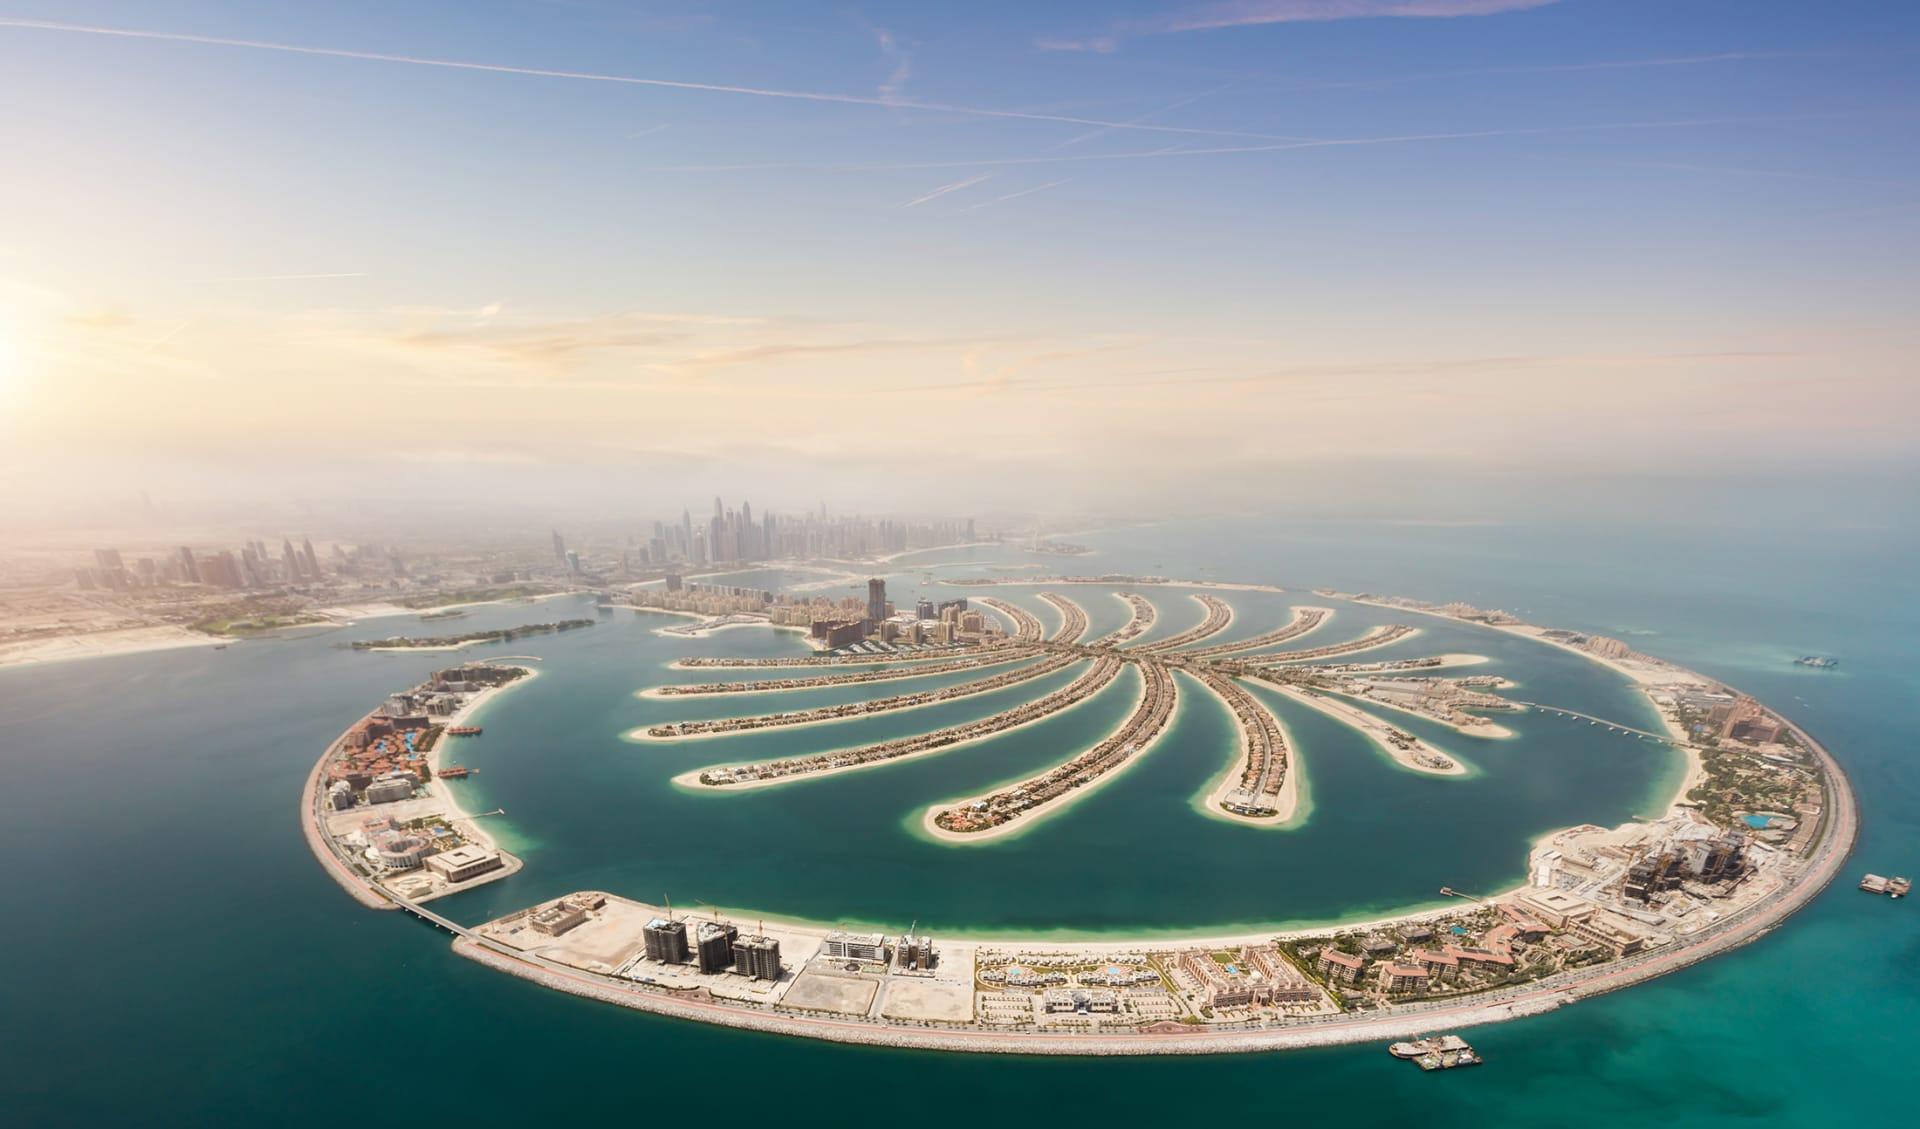 Palm, Dubai